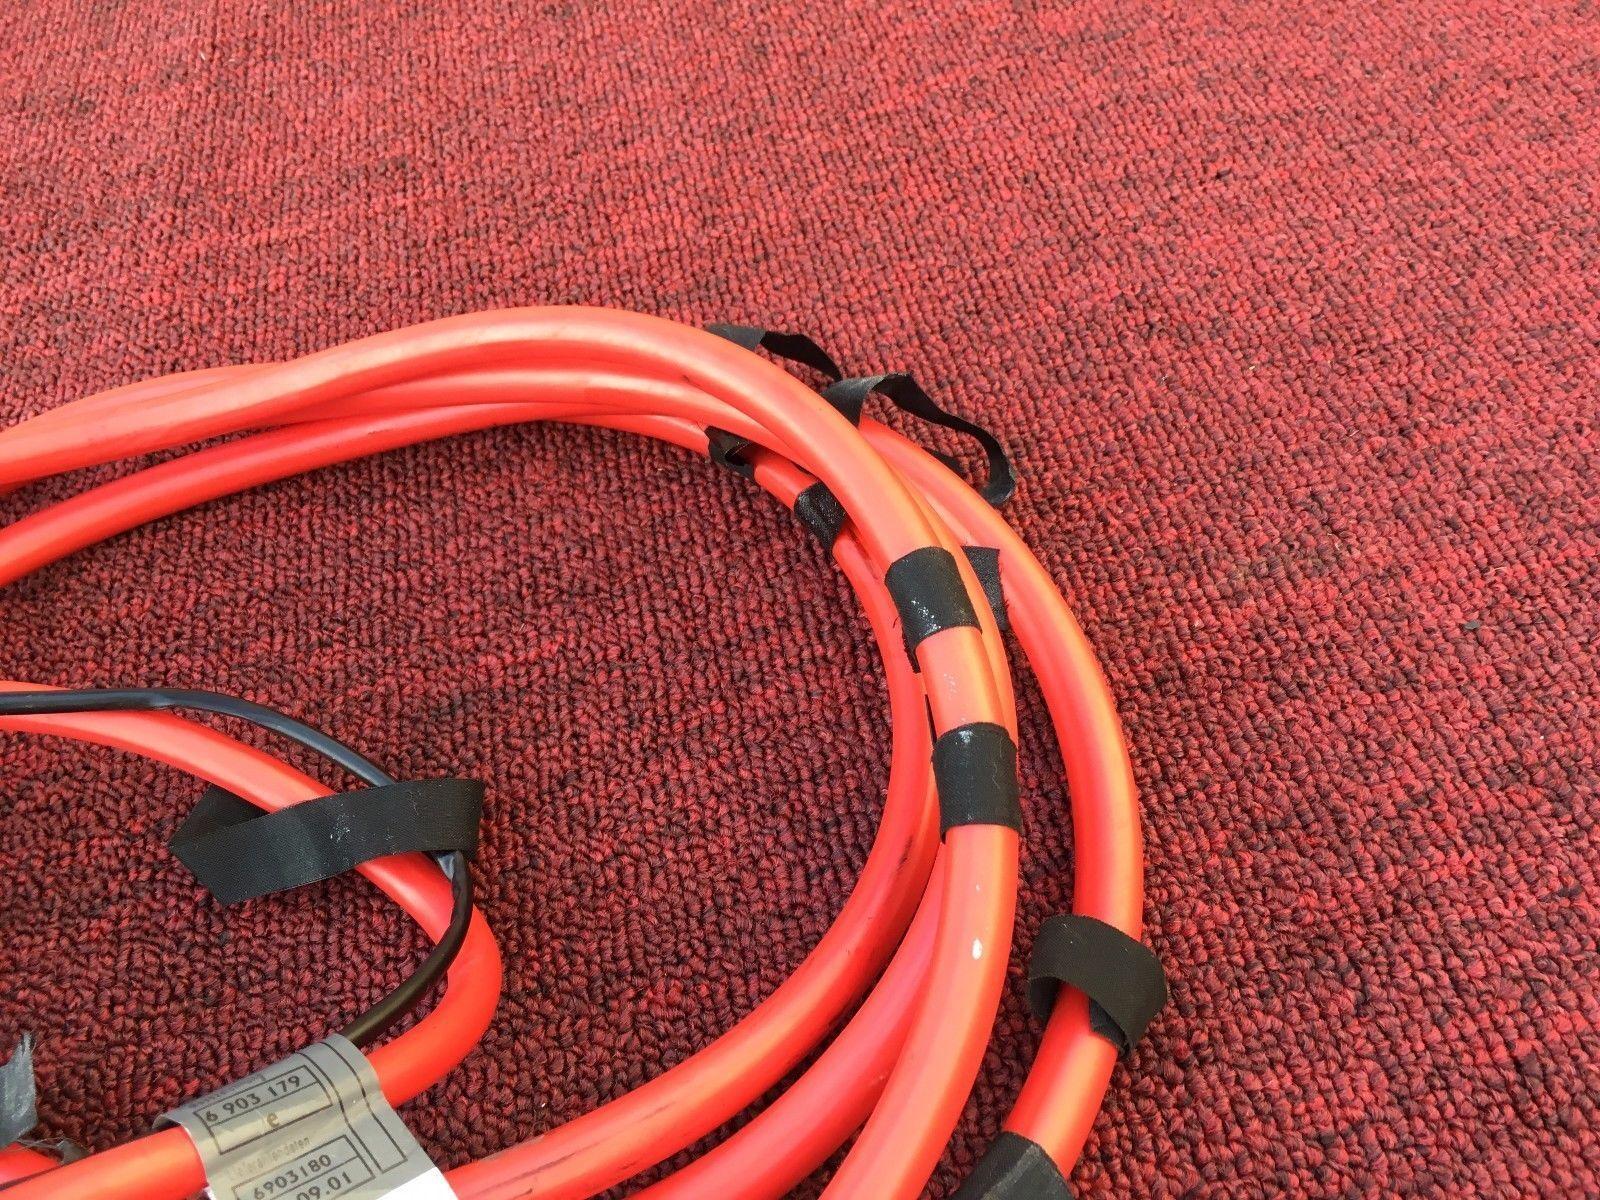 Wiring E46 Diagram 330 Cispeakere 2001 Bmw Diagrams 57set Id8800005007 330ci Speaker Antenna